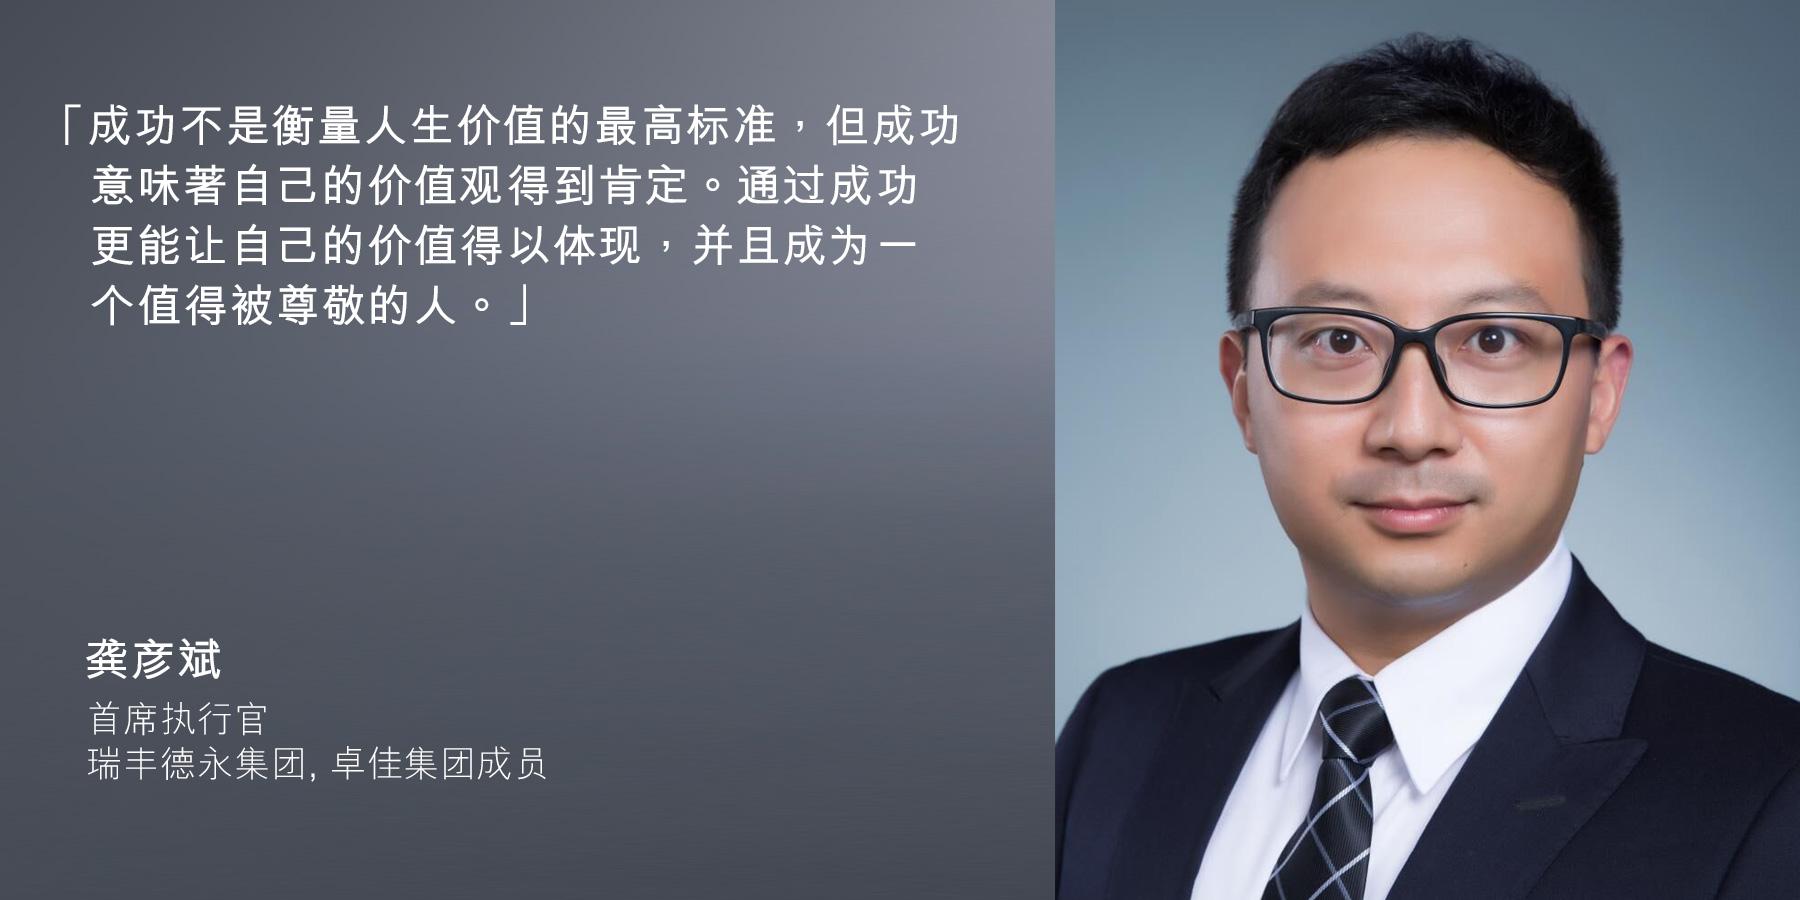 龚彦斌 - 首席執行官 - 瑞豐德永集团 (卓佳集团成员)